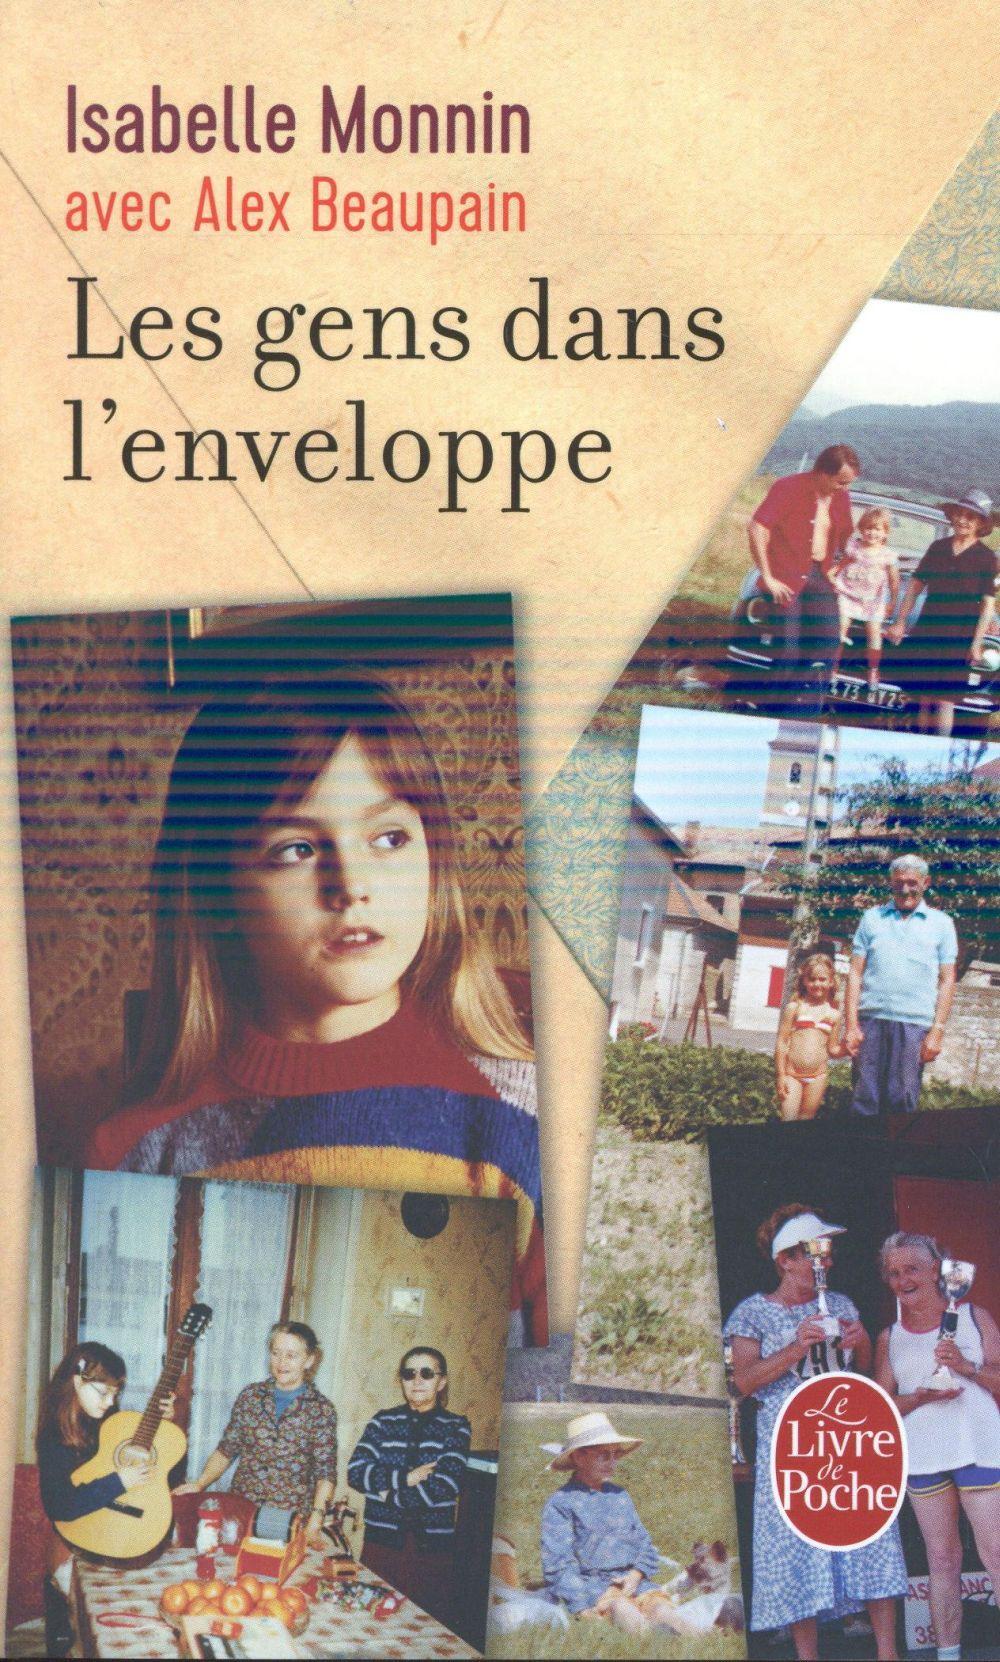 LES GENS DANS L'ENVELOPPE Monnin Isabelle Le Livre de poche